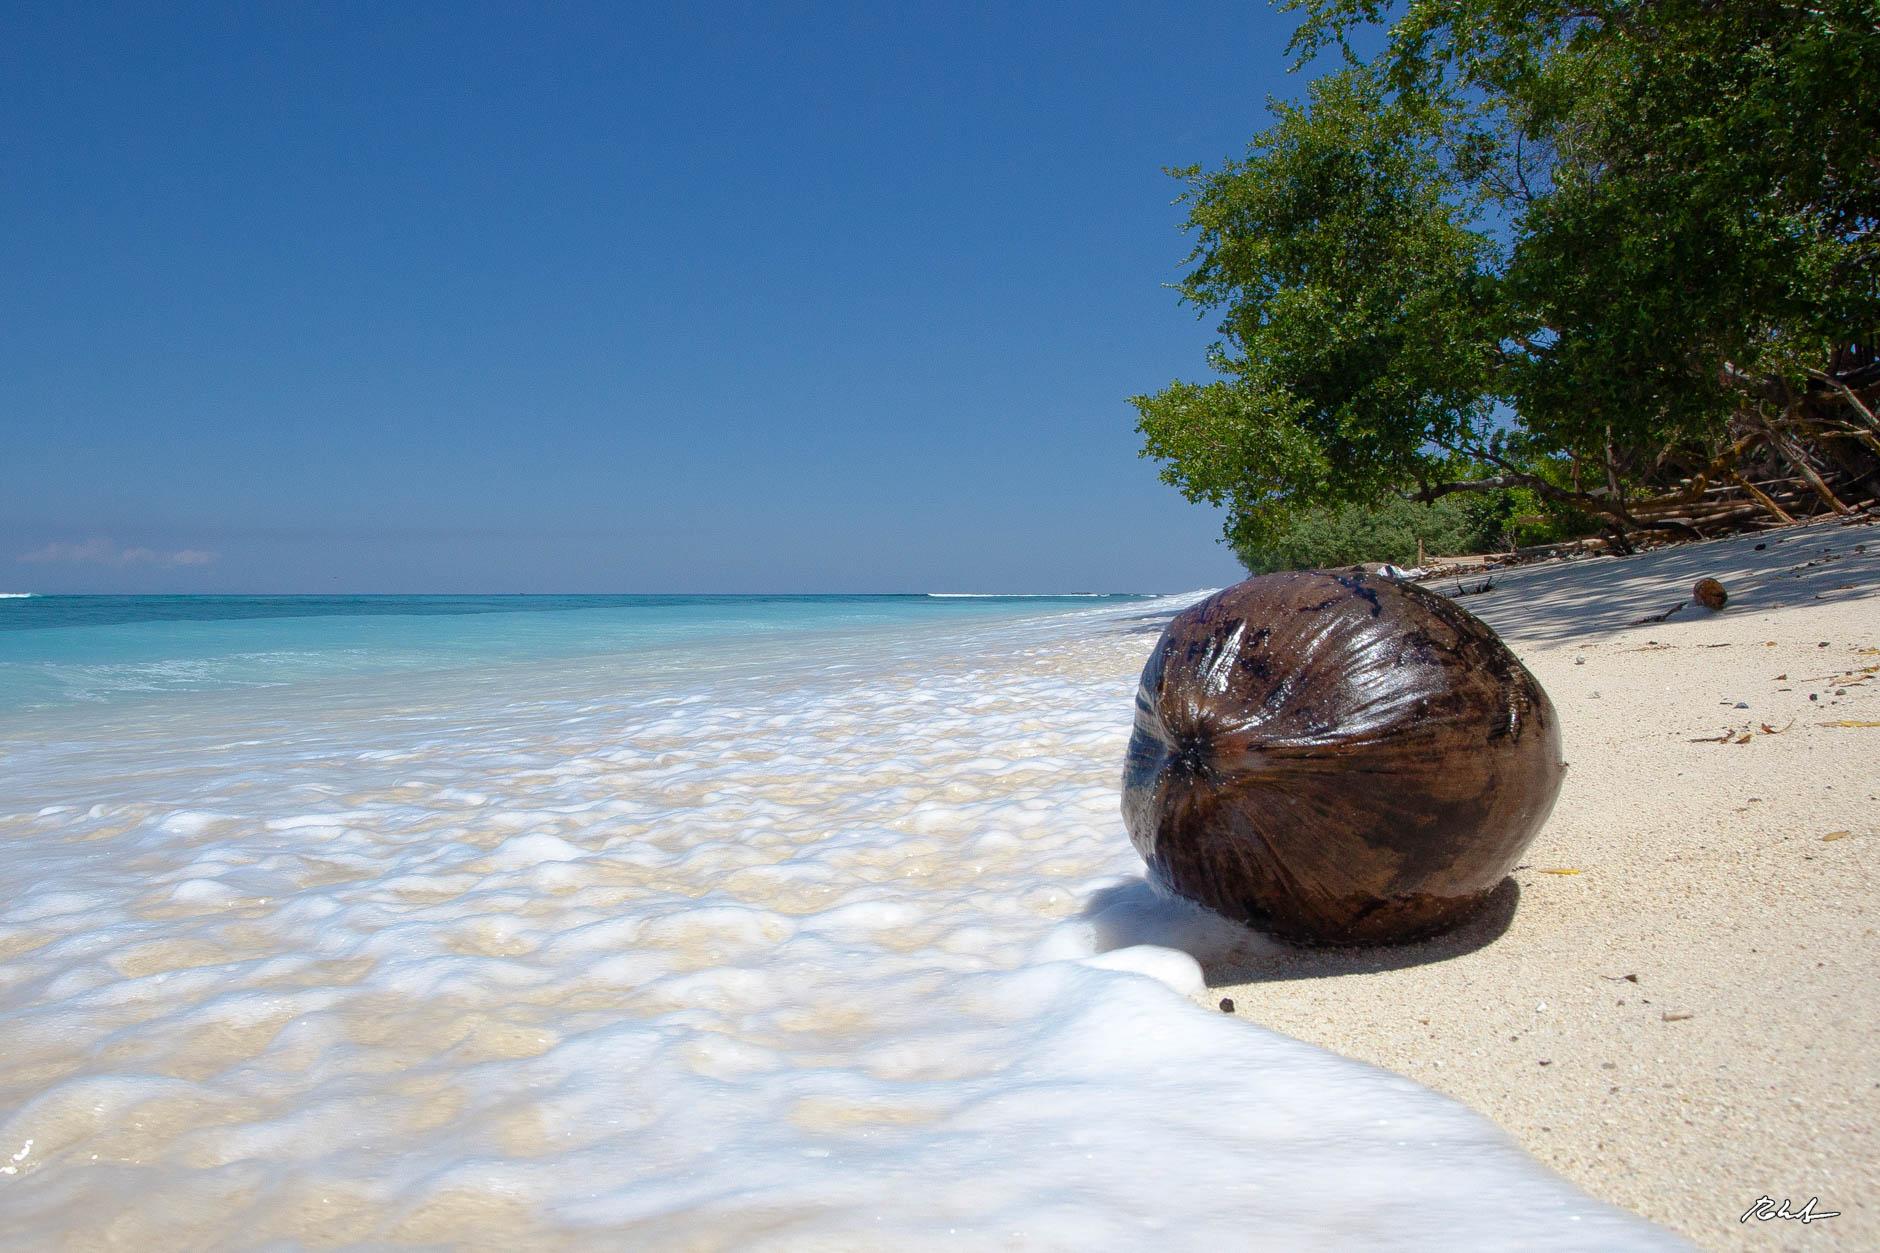 fallen coconut